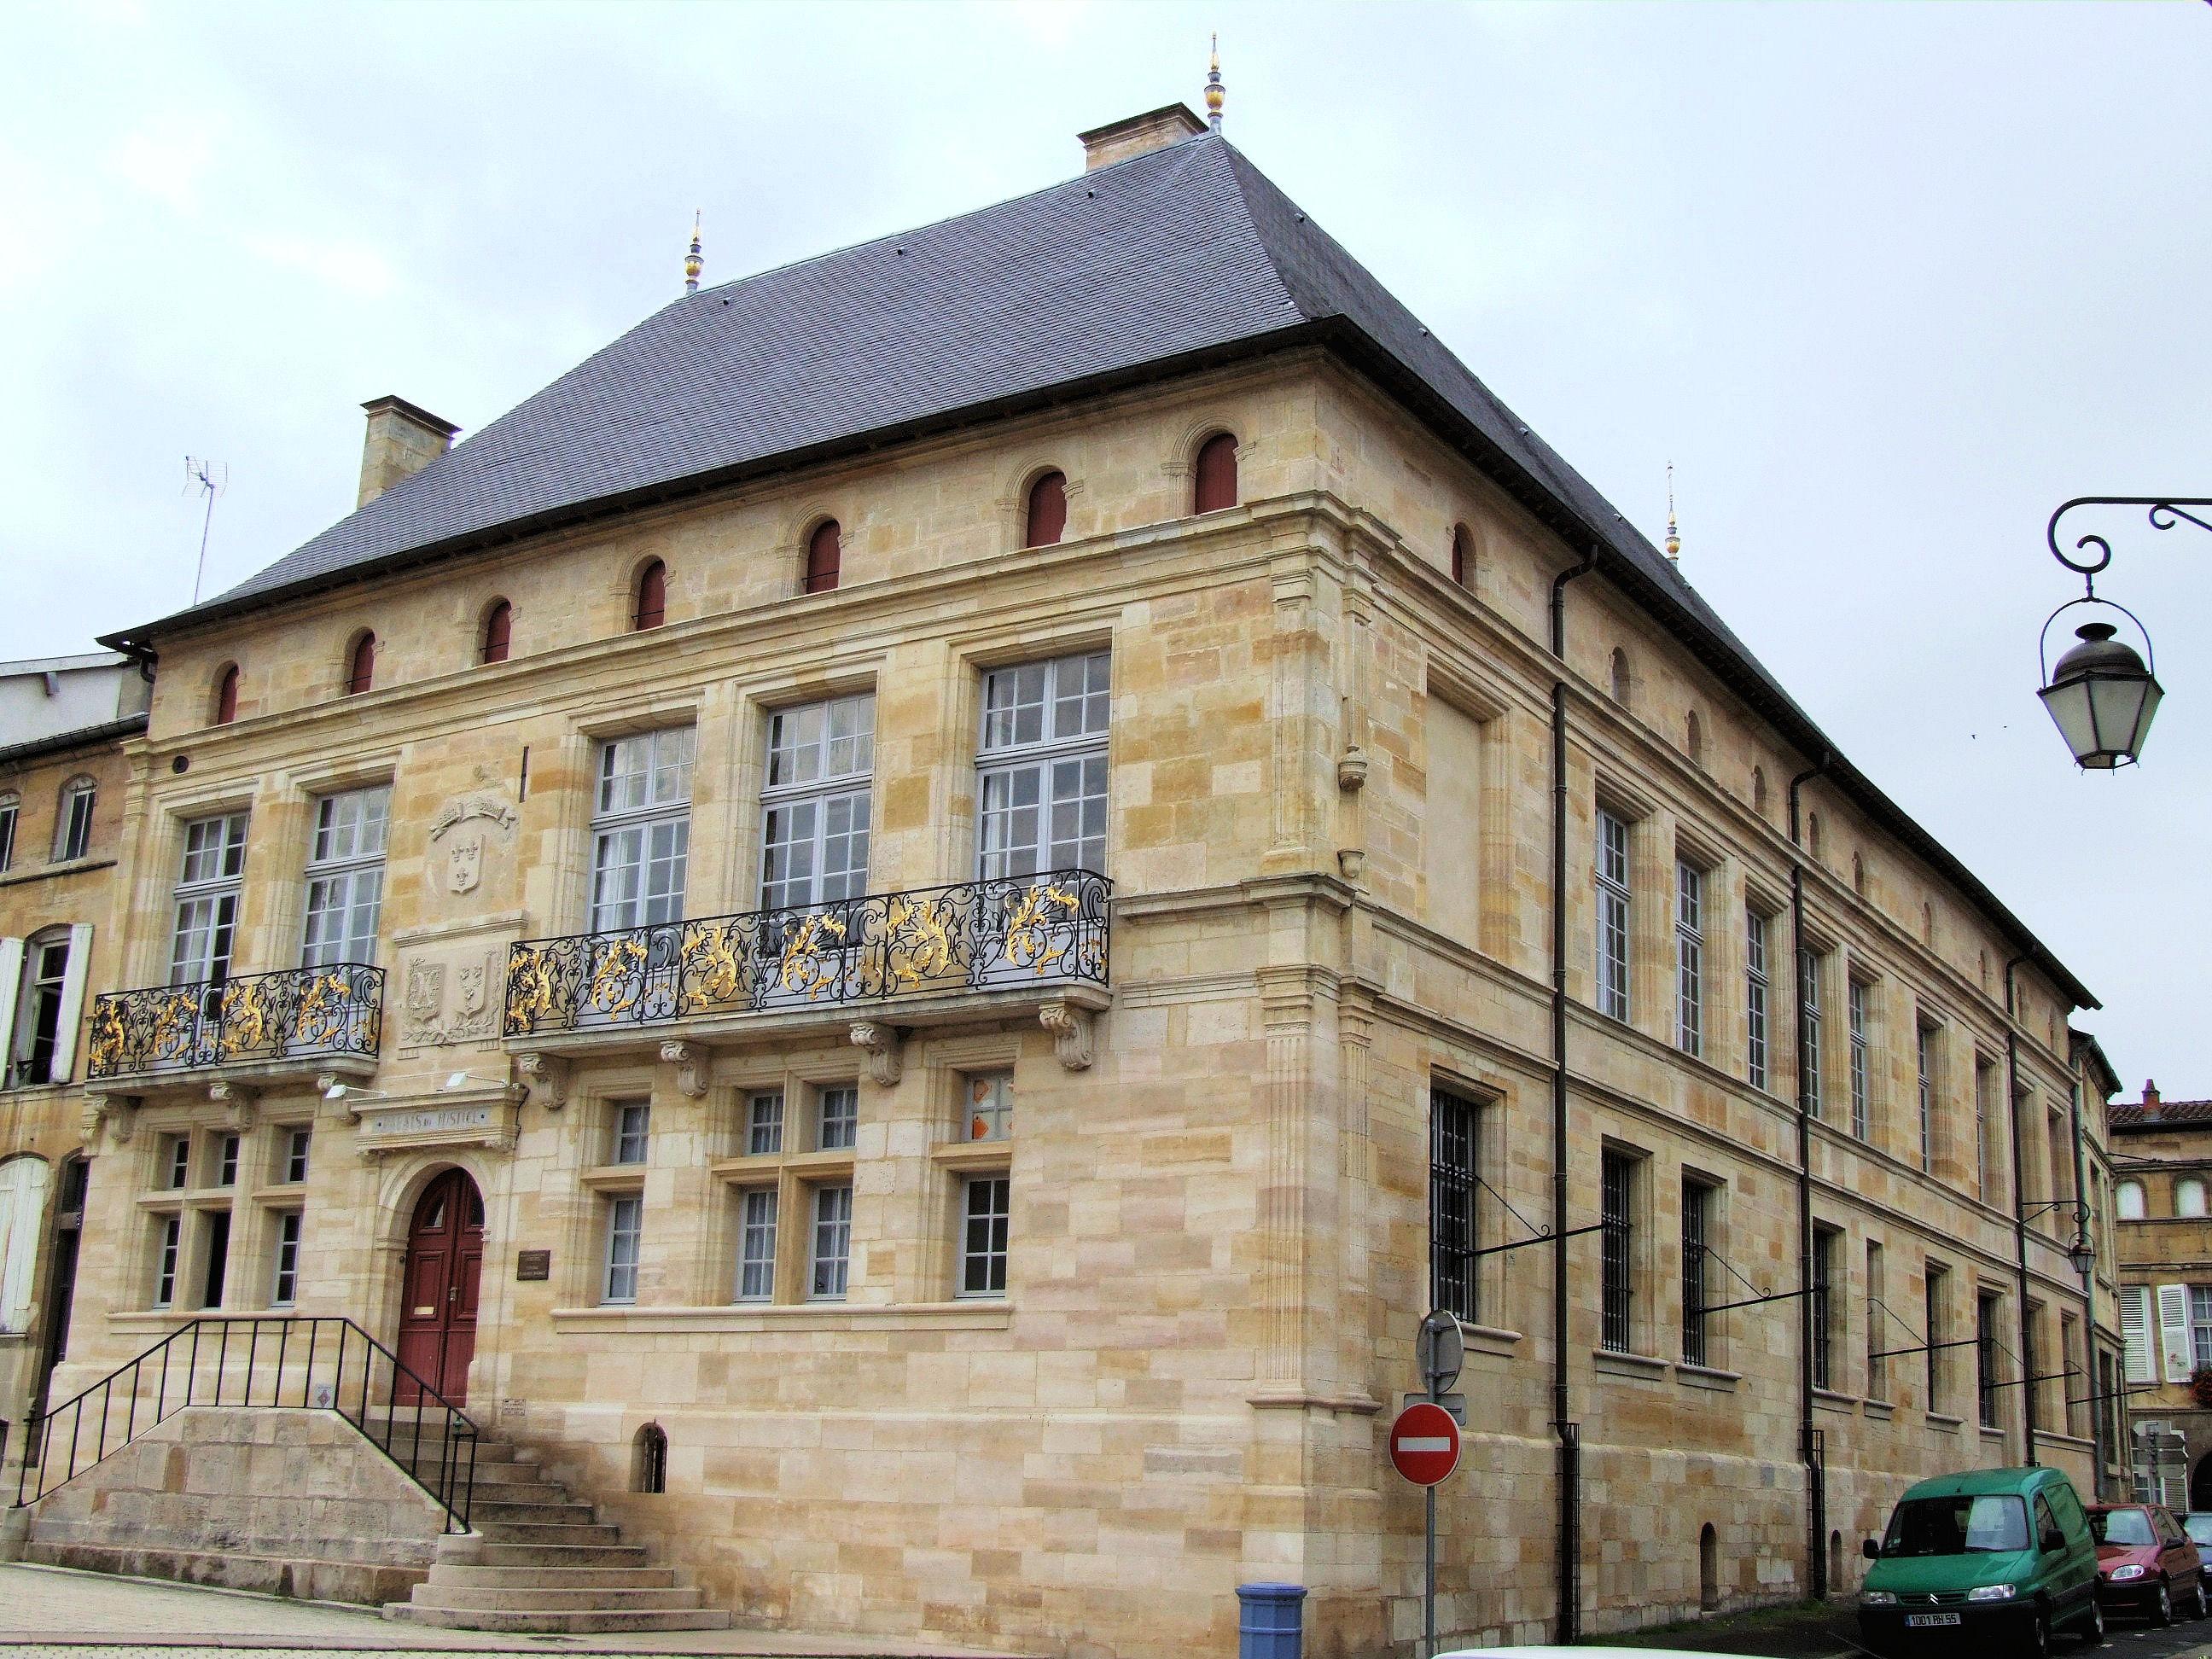 file bar le duc palais de justice h tel de florainville wikimedia commons. Black Bedroom Furniture Sets. Home Design Ideas